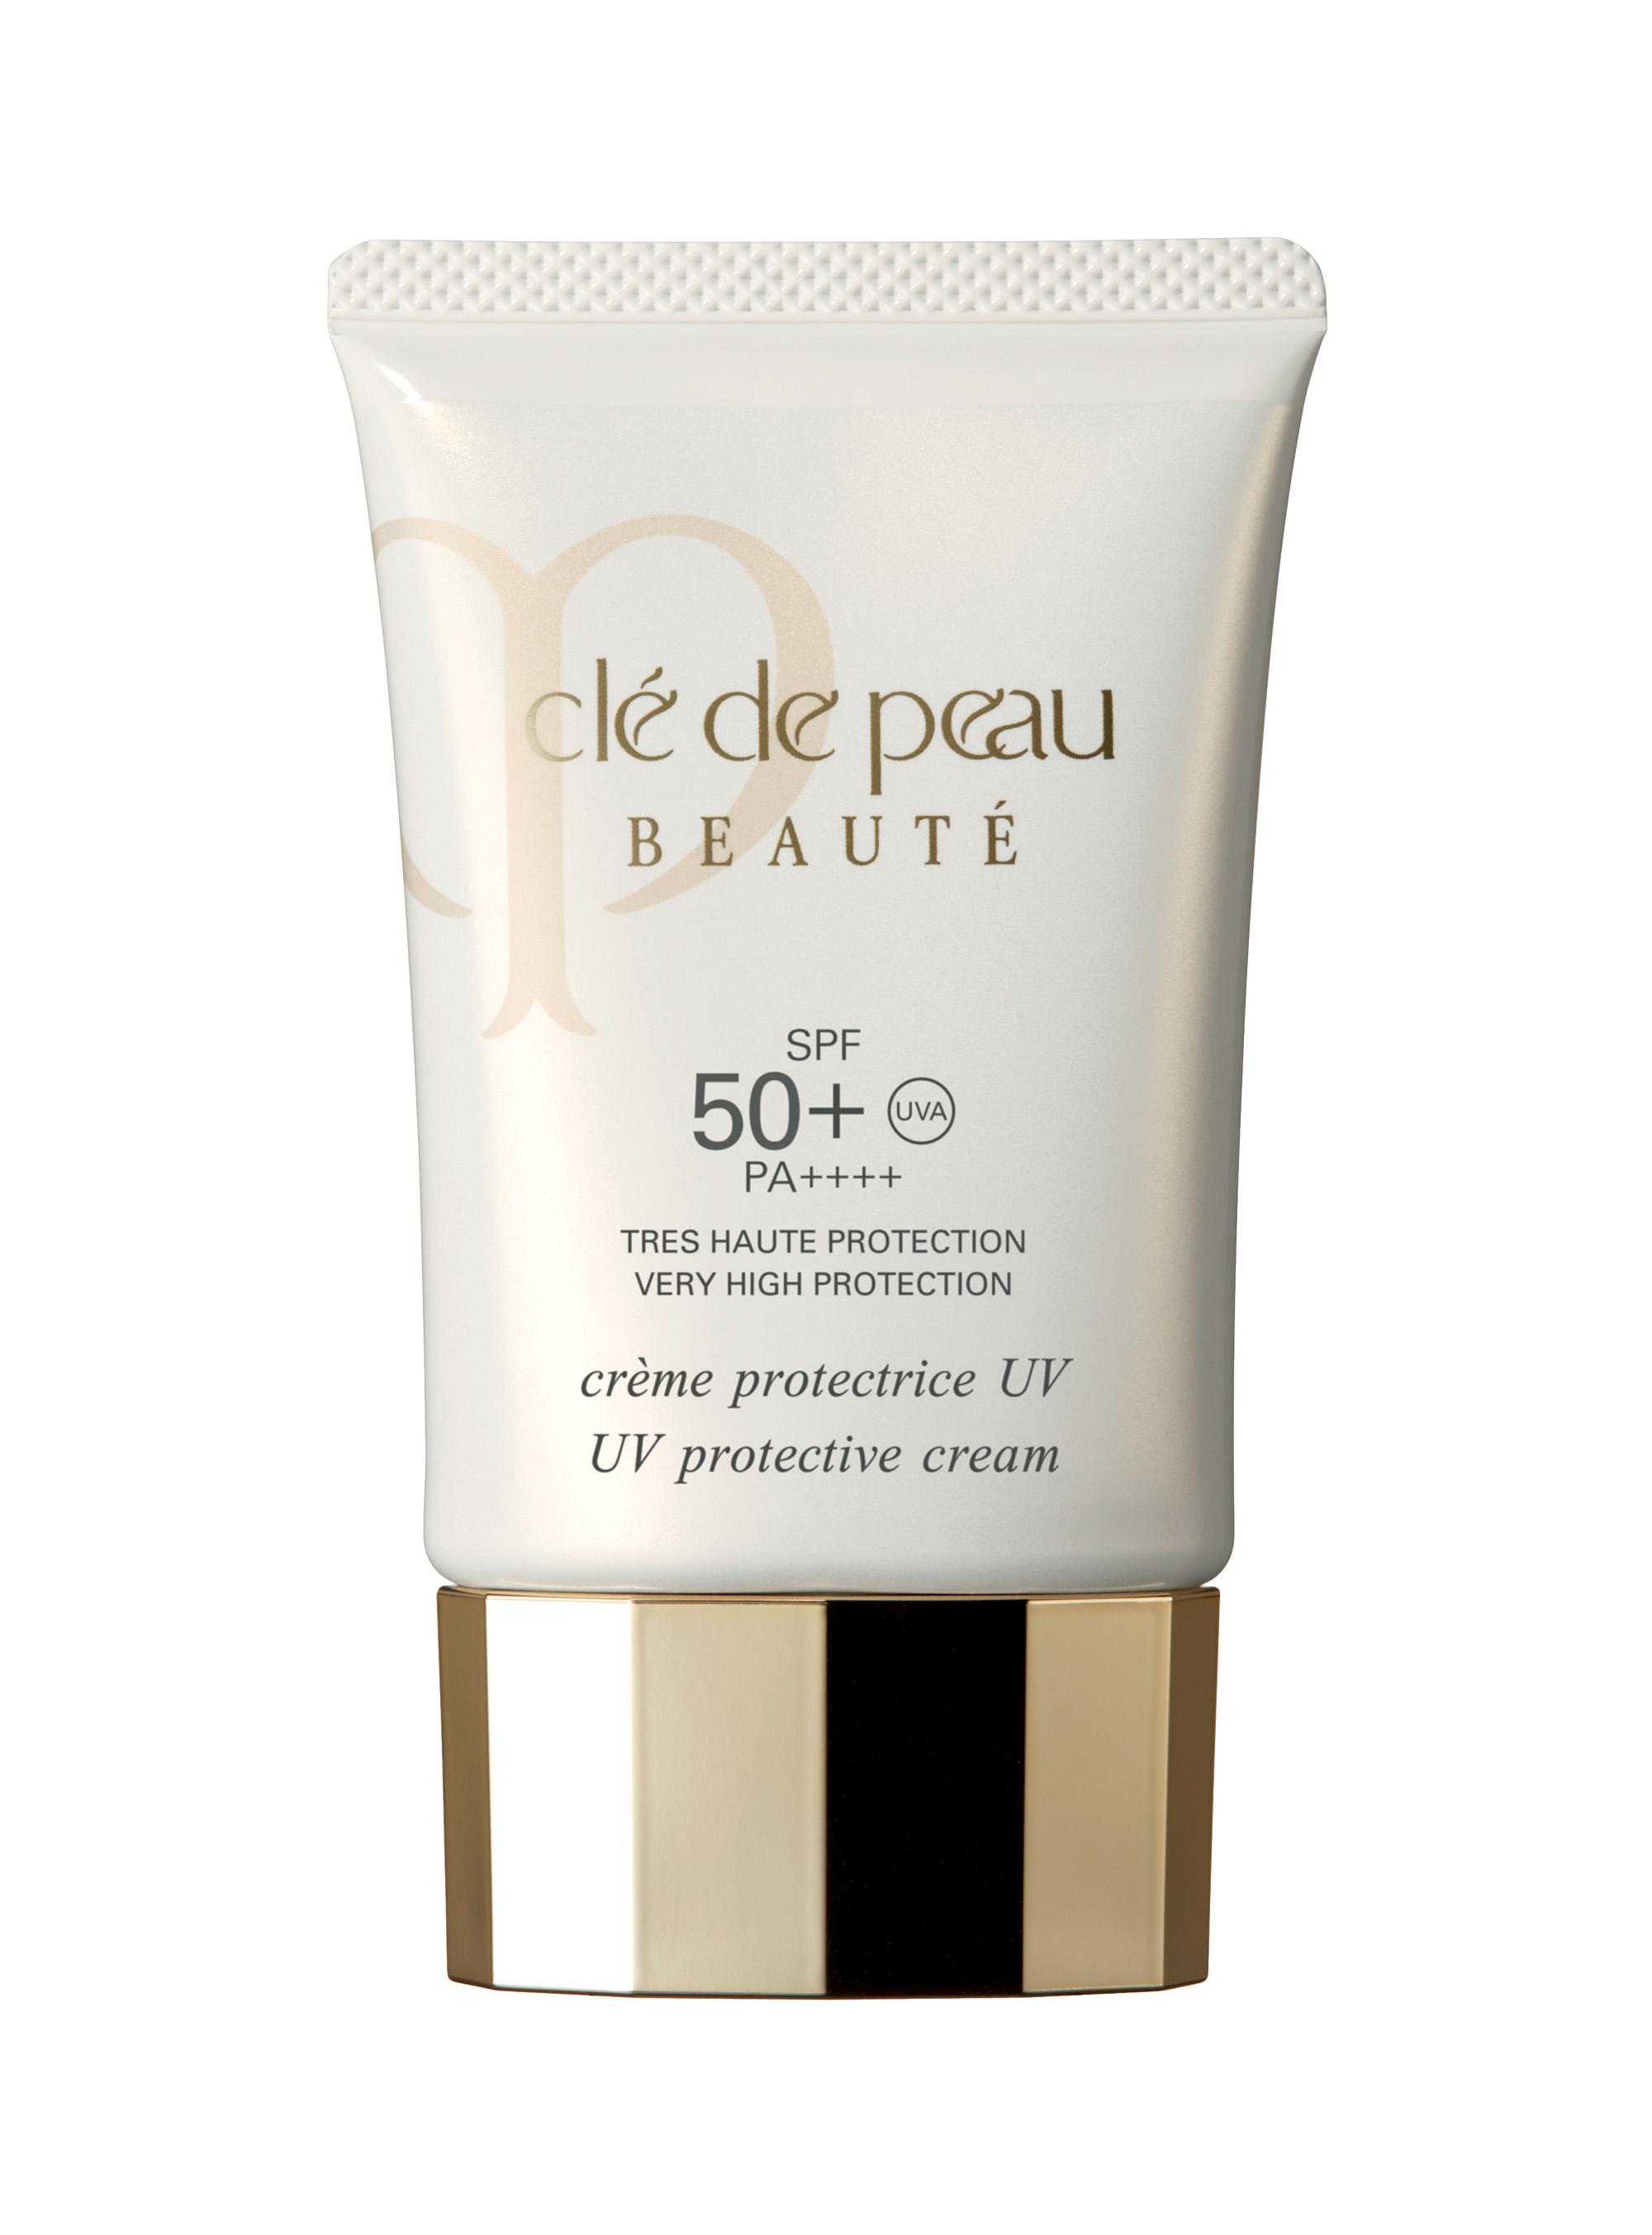 kem chống nắng Cle de Peau Beaute